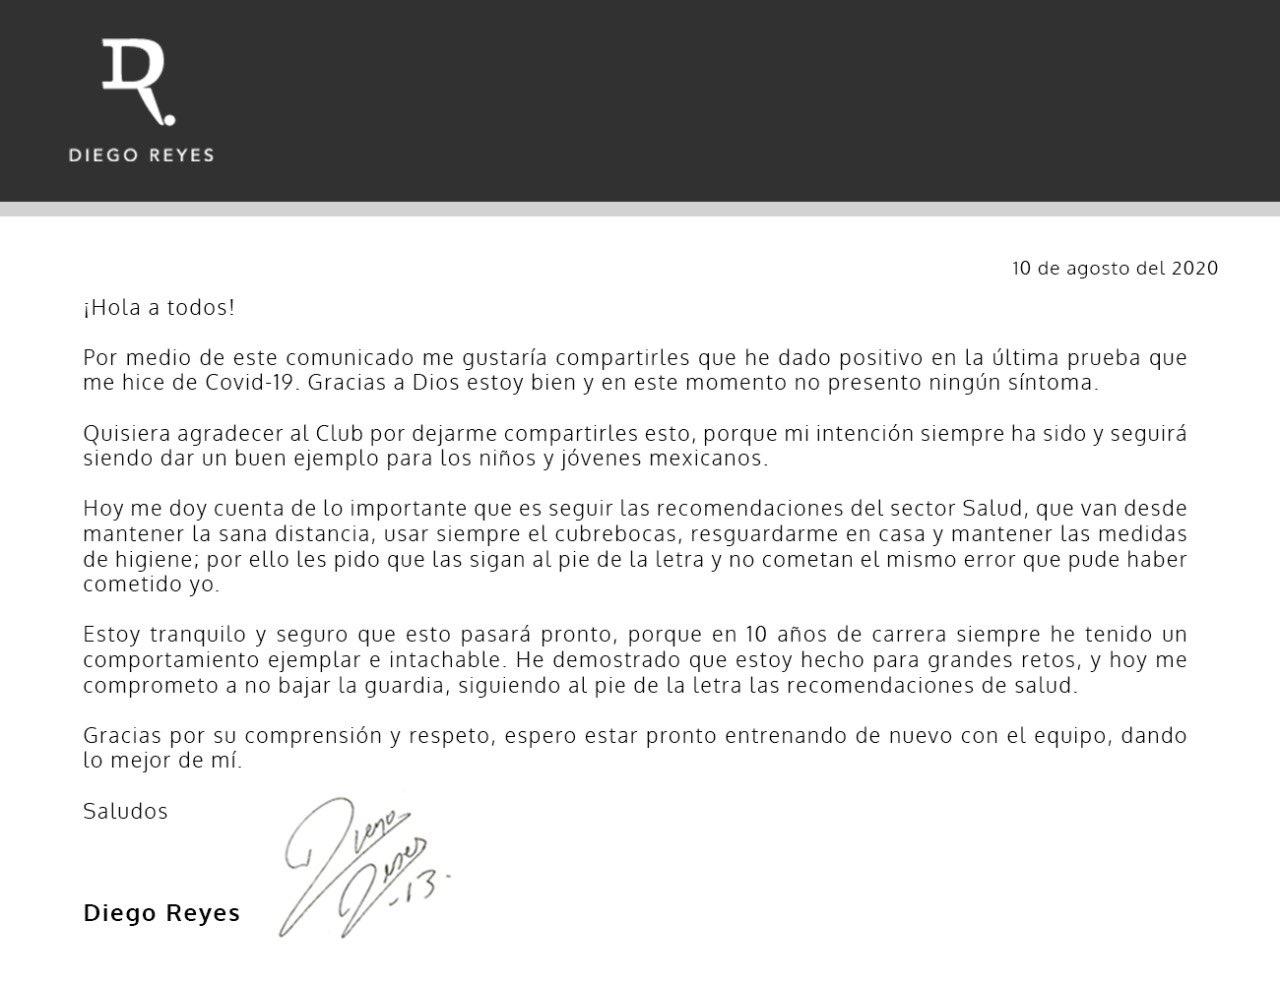 Diego Reyes revela que tiene Covid-19